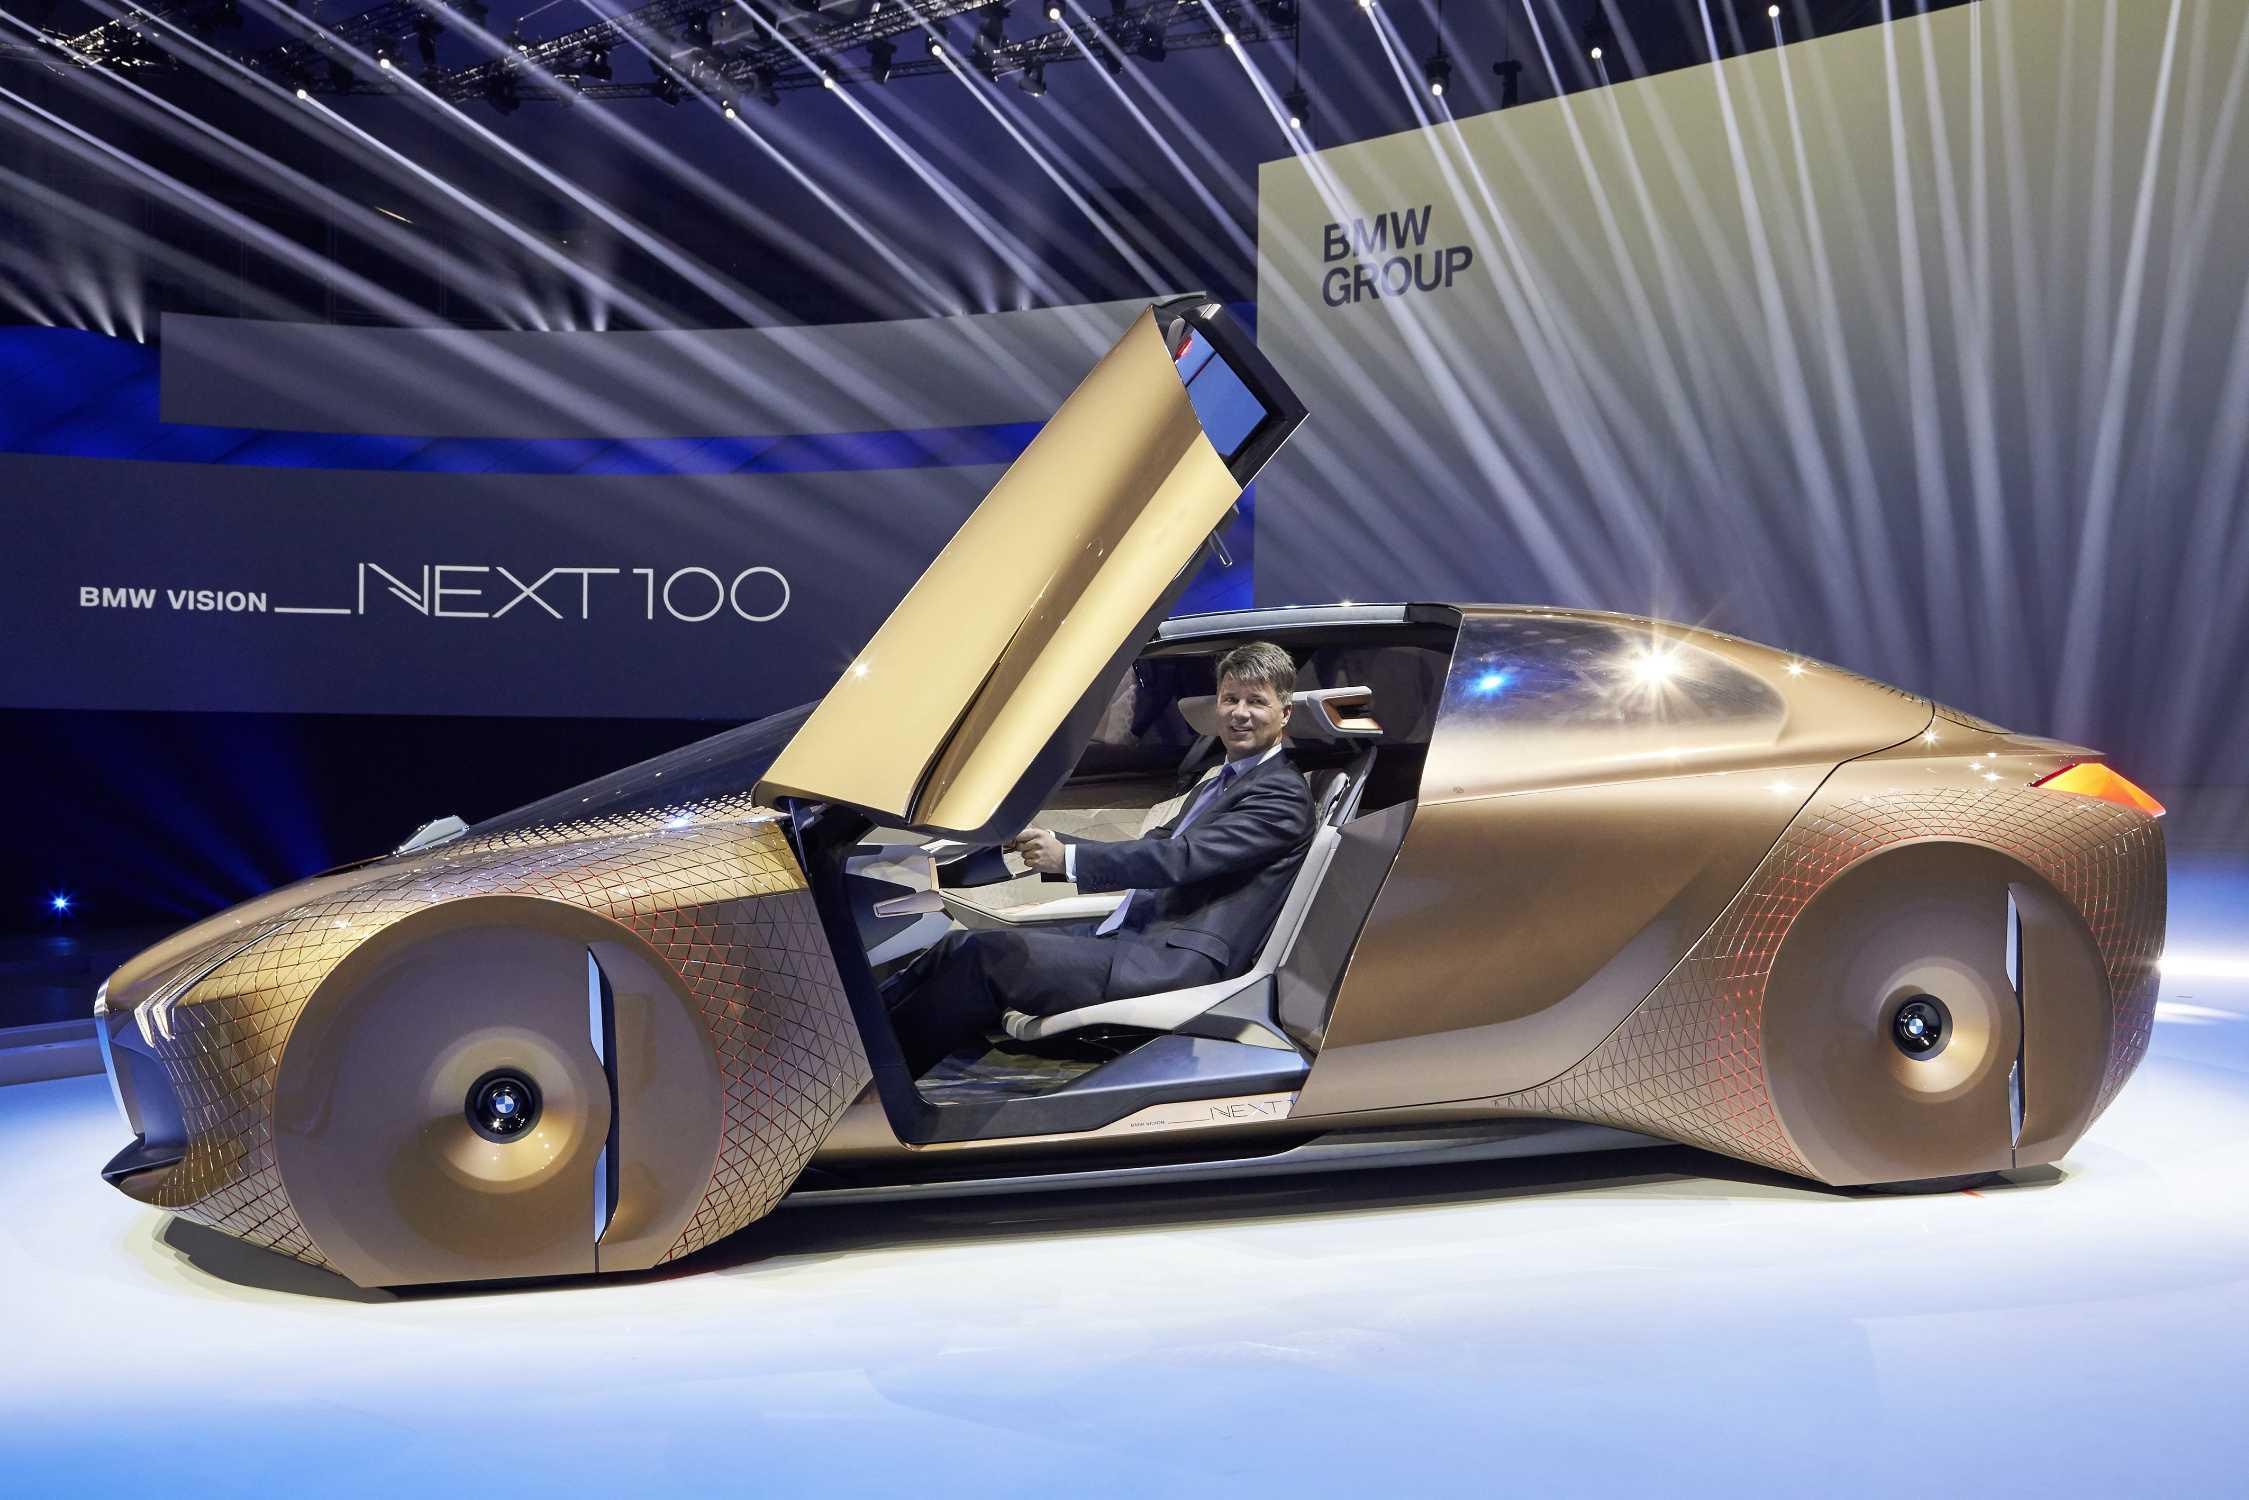 К своему столетнему юбилею корпорация BMW организовала яркое шоу